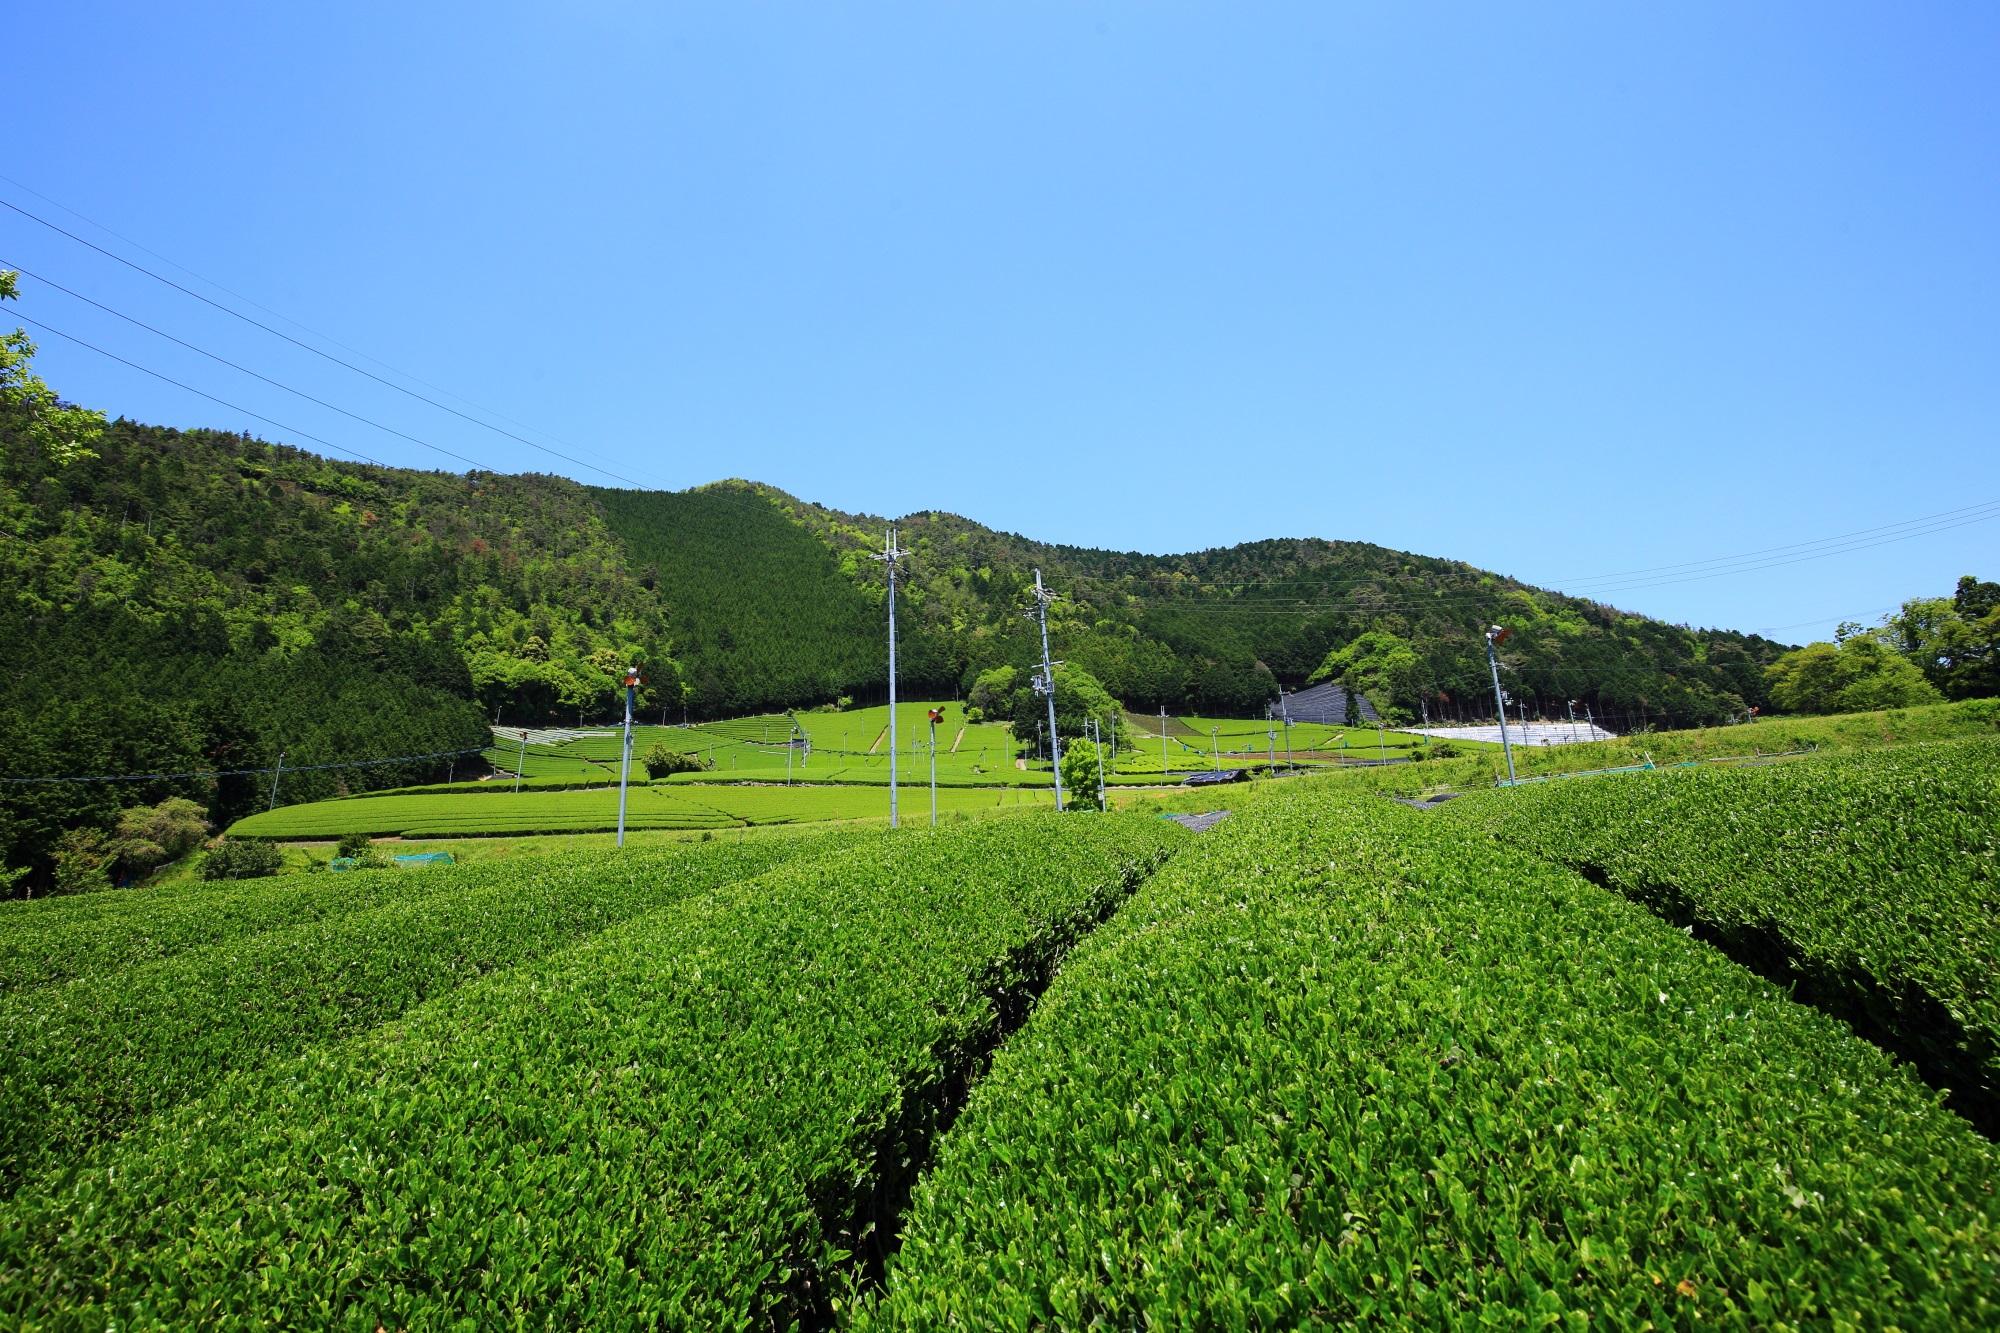 雲一つない青空の下で元気に育つ緑のお茶畑